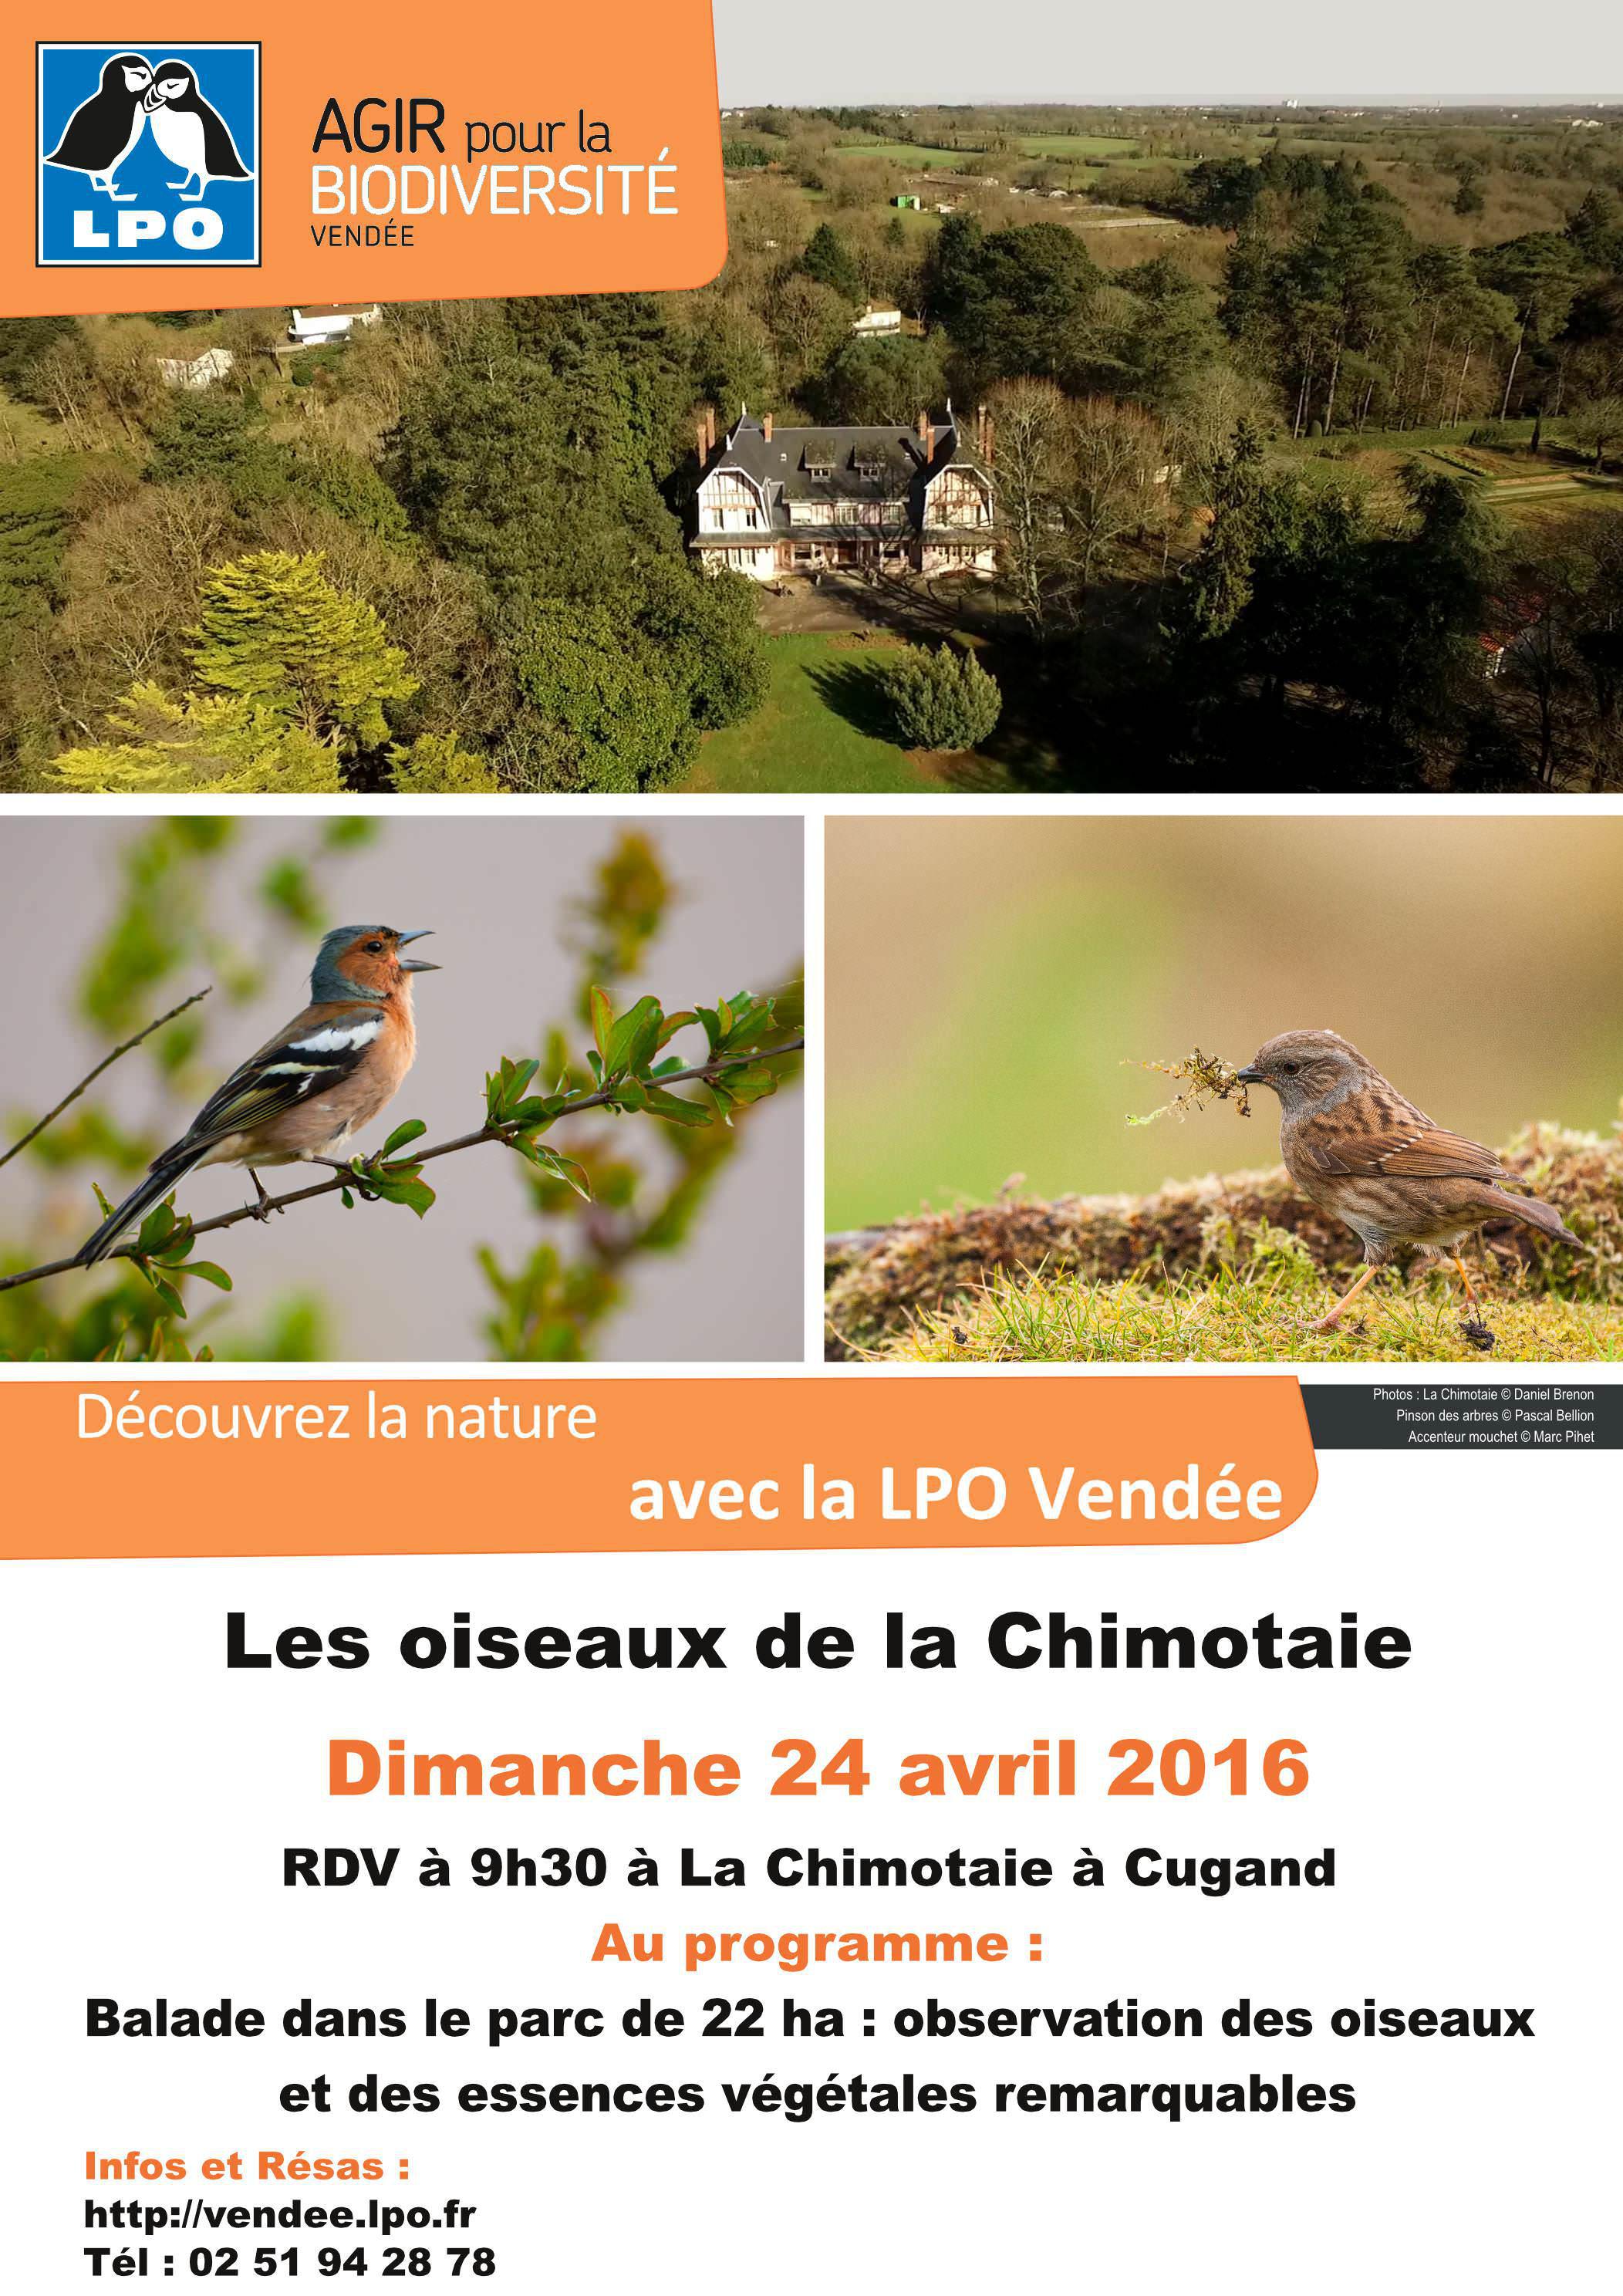 Les oiseaux de la Chimotaie